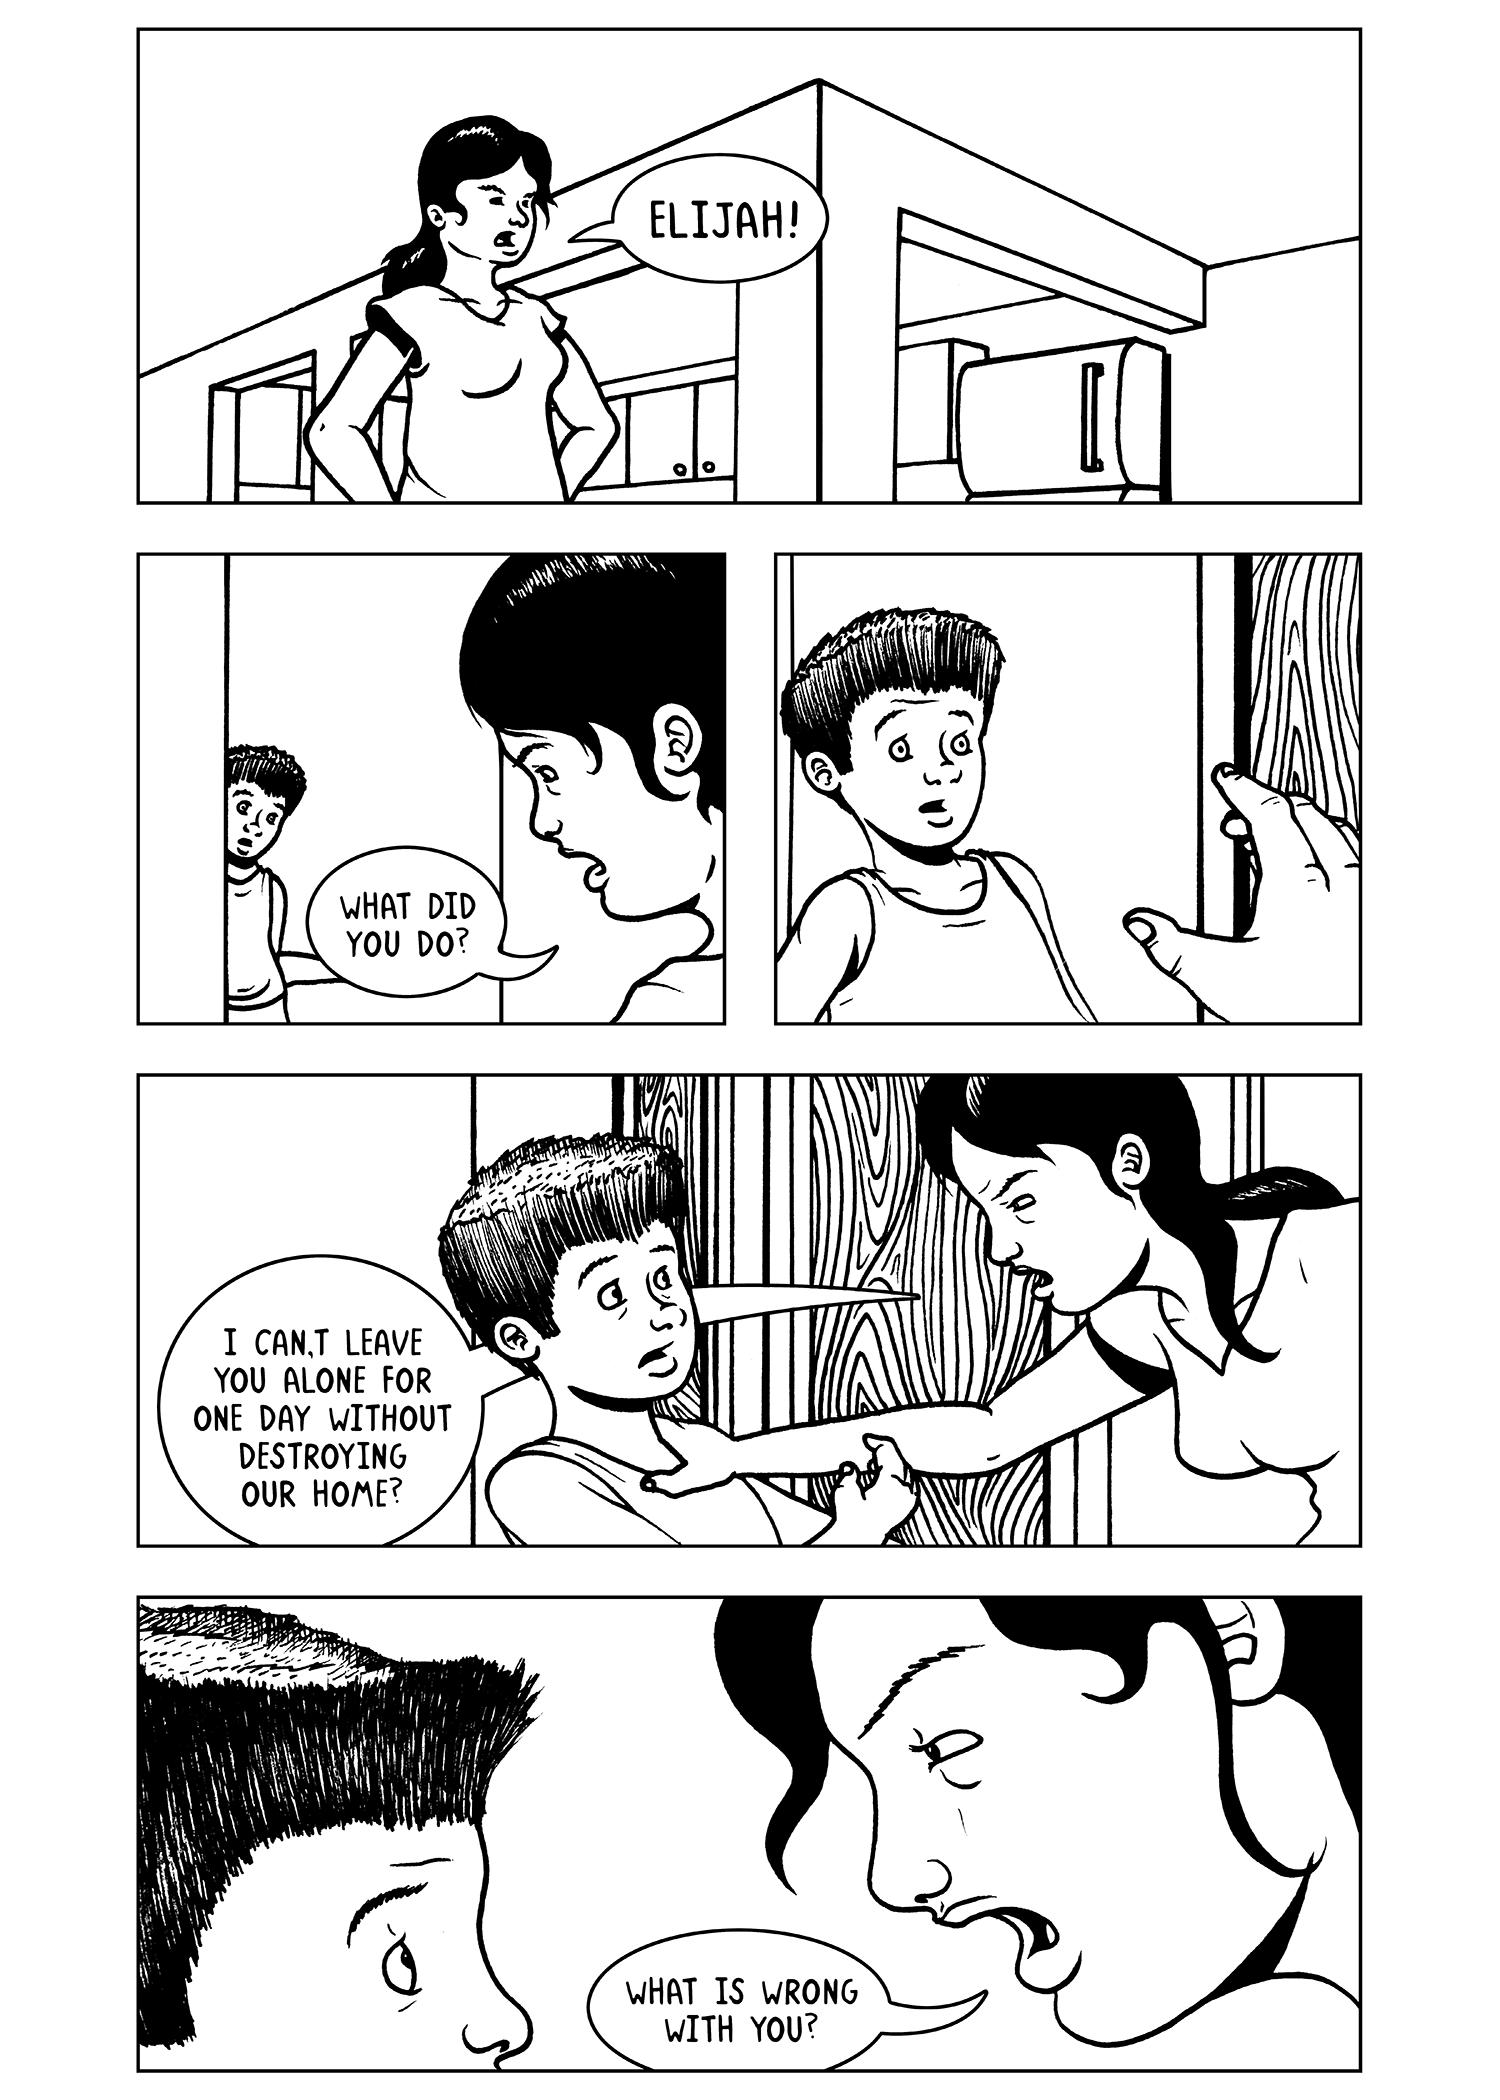 QWERTY_comic_28